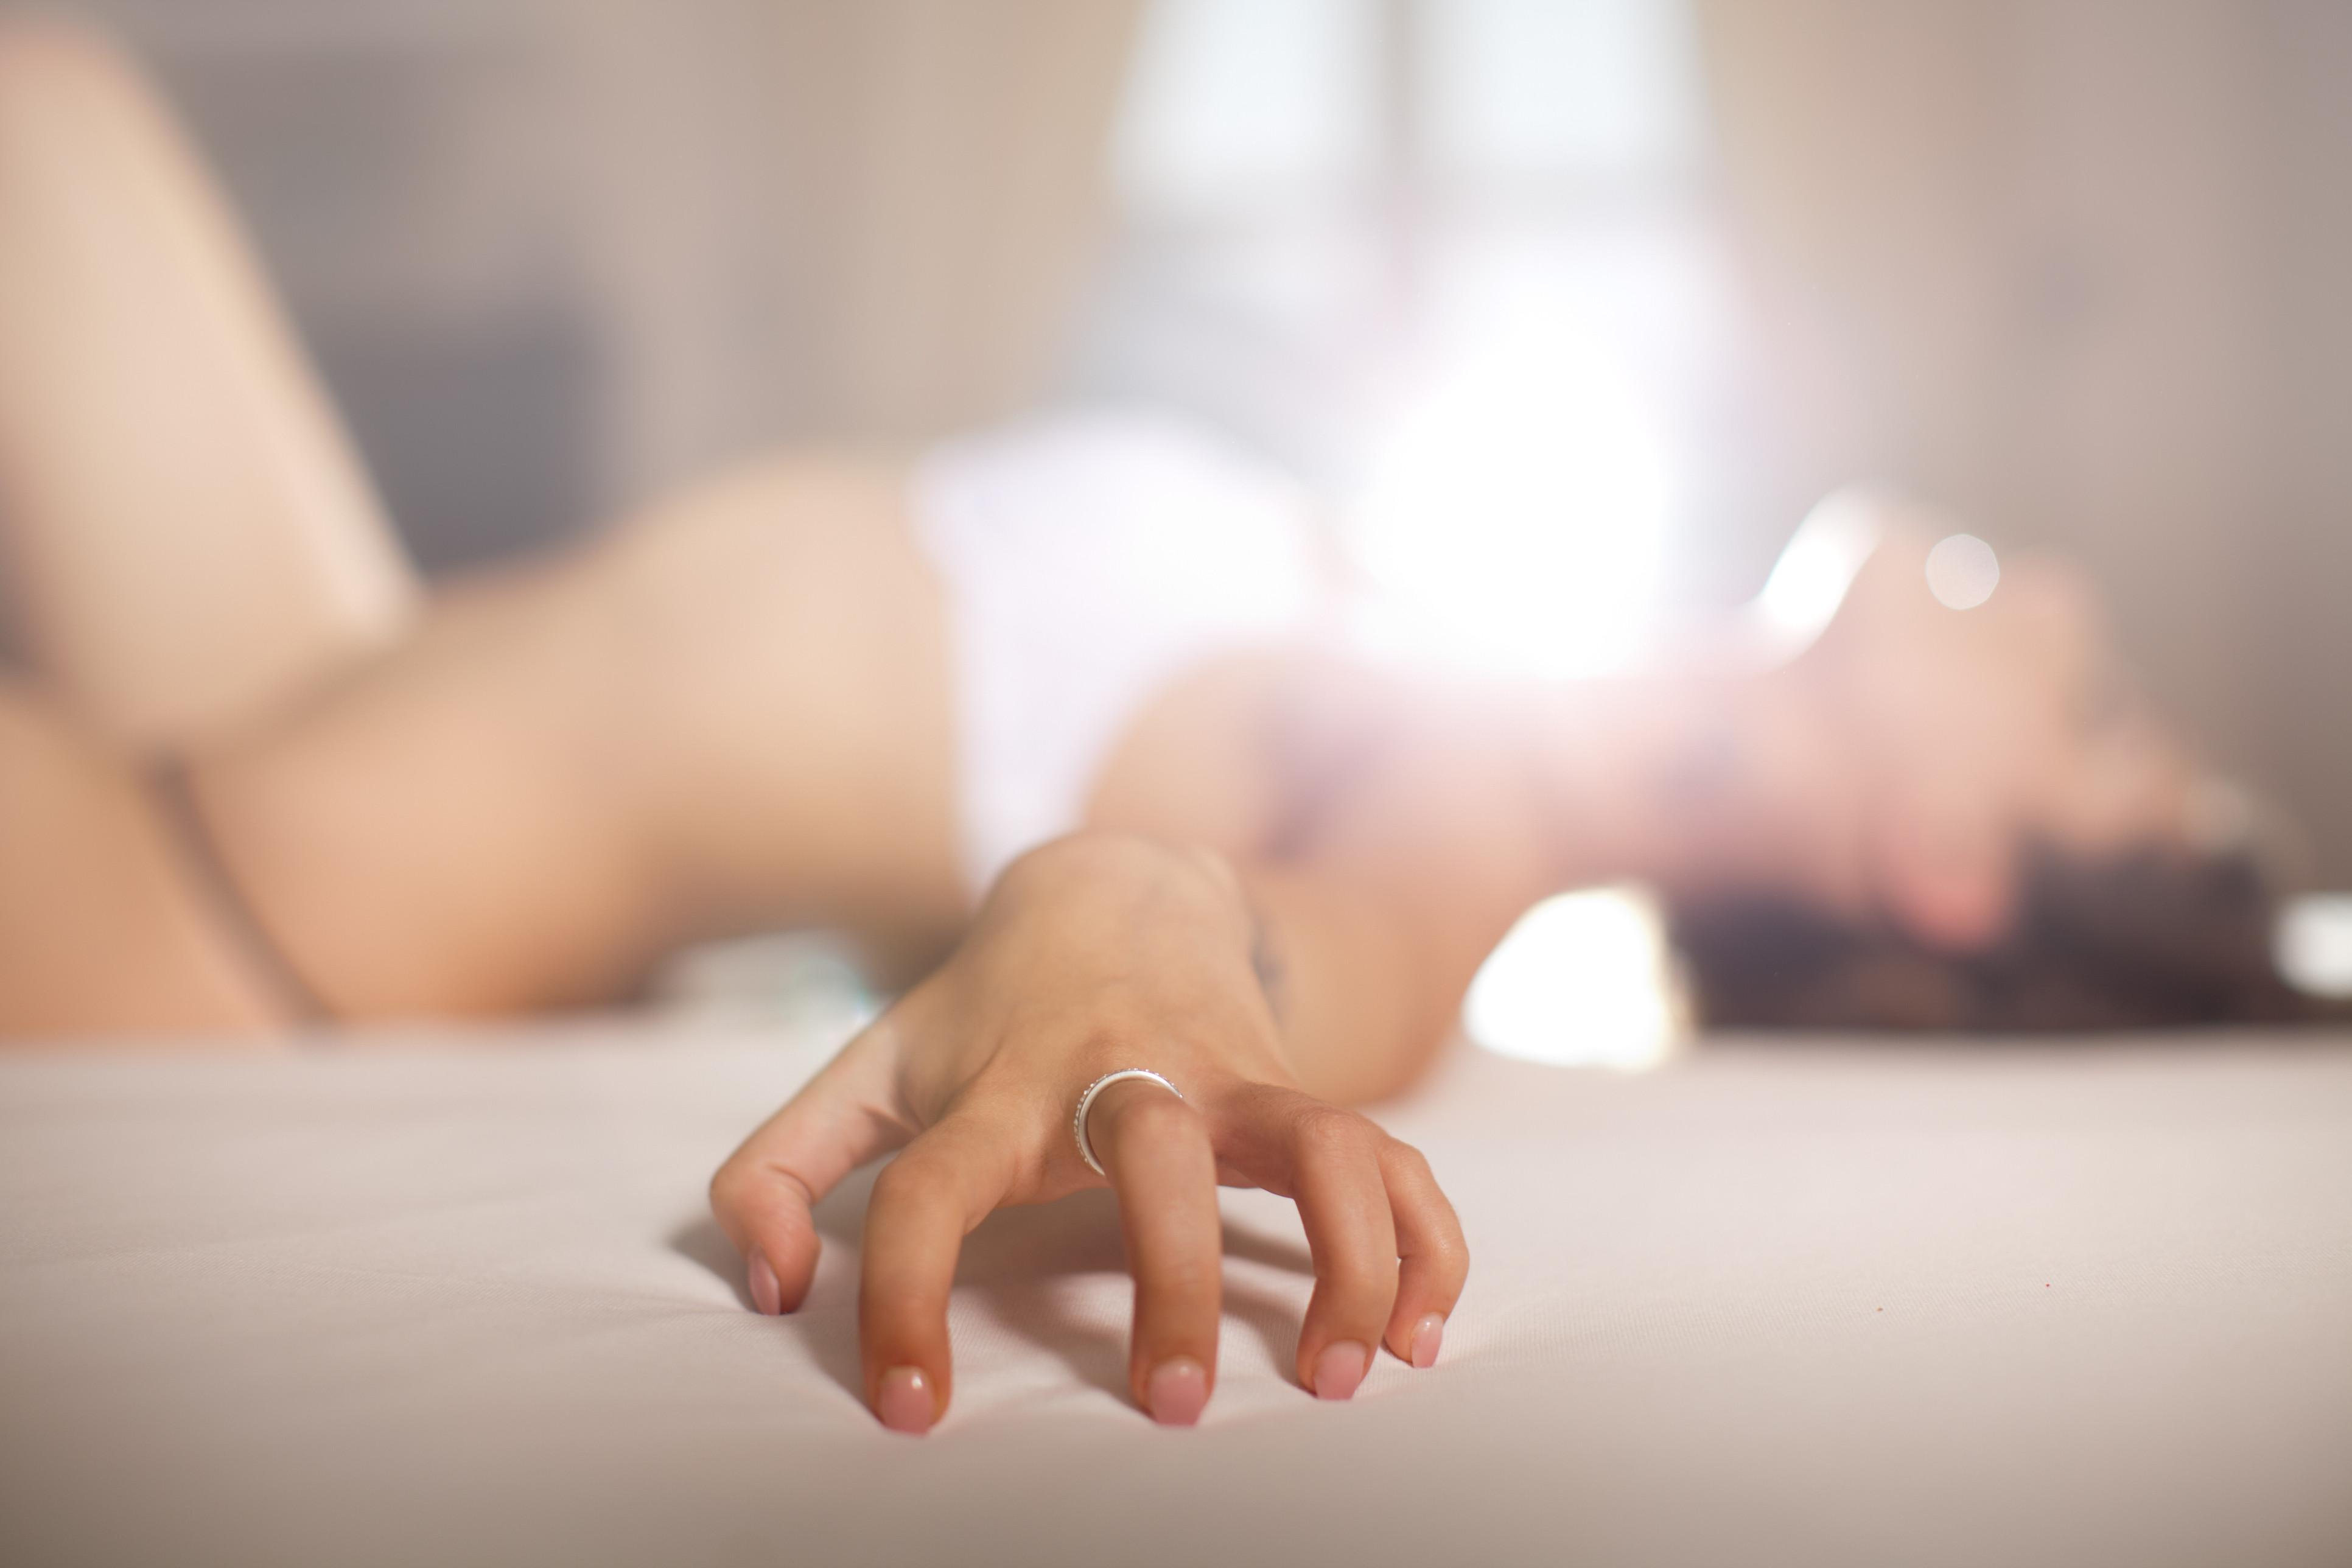 Cinco dicas para masturbar-se sozinha ou acompanhada. O prazer é seu